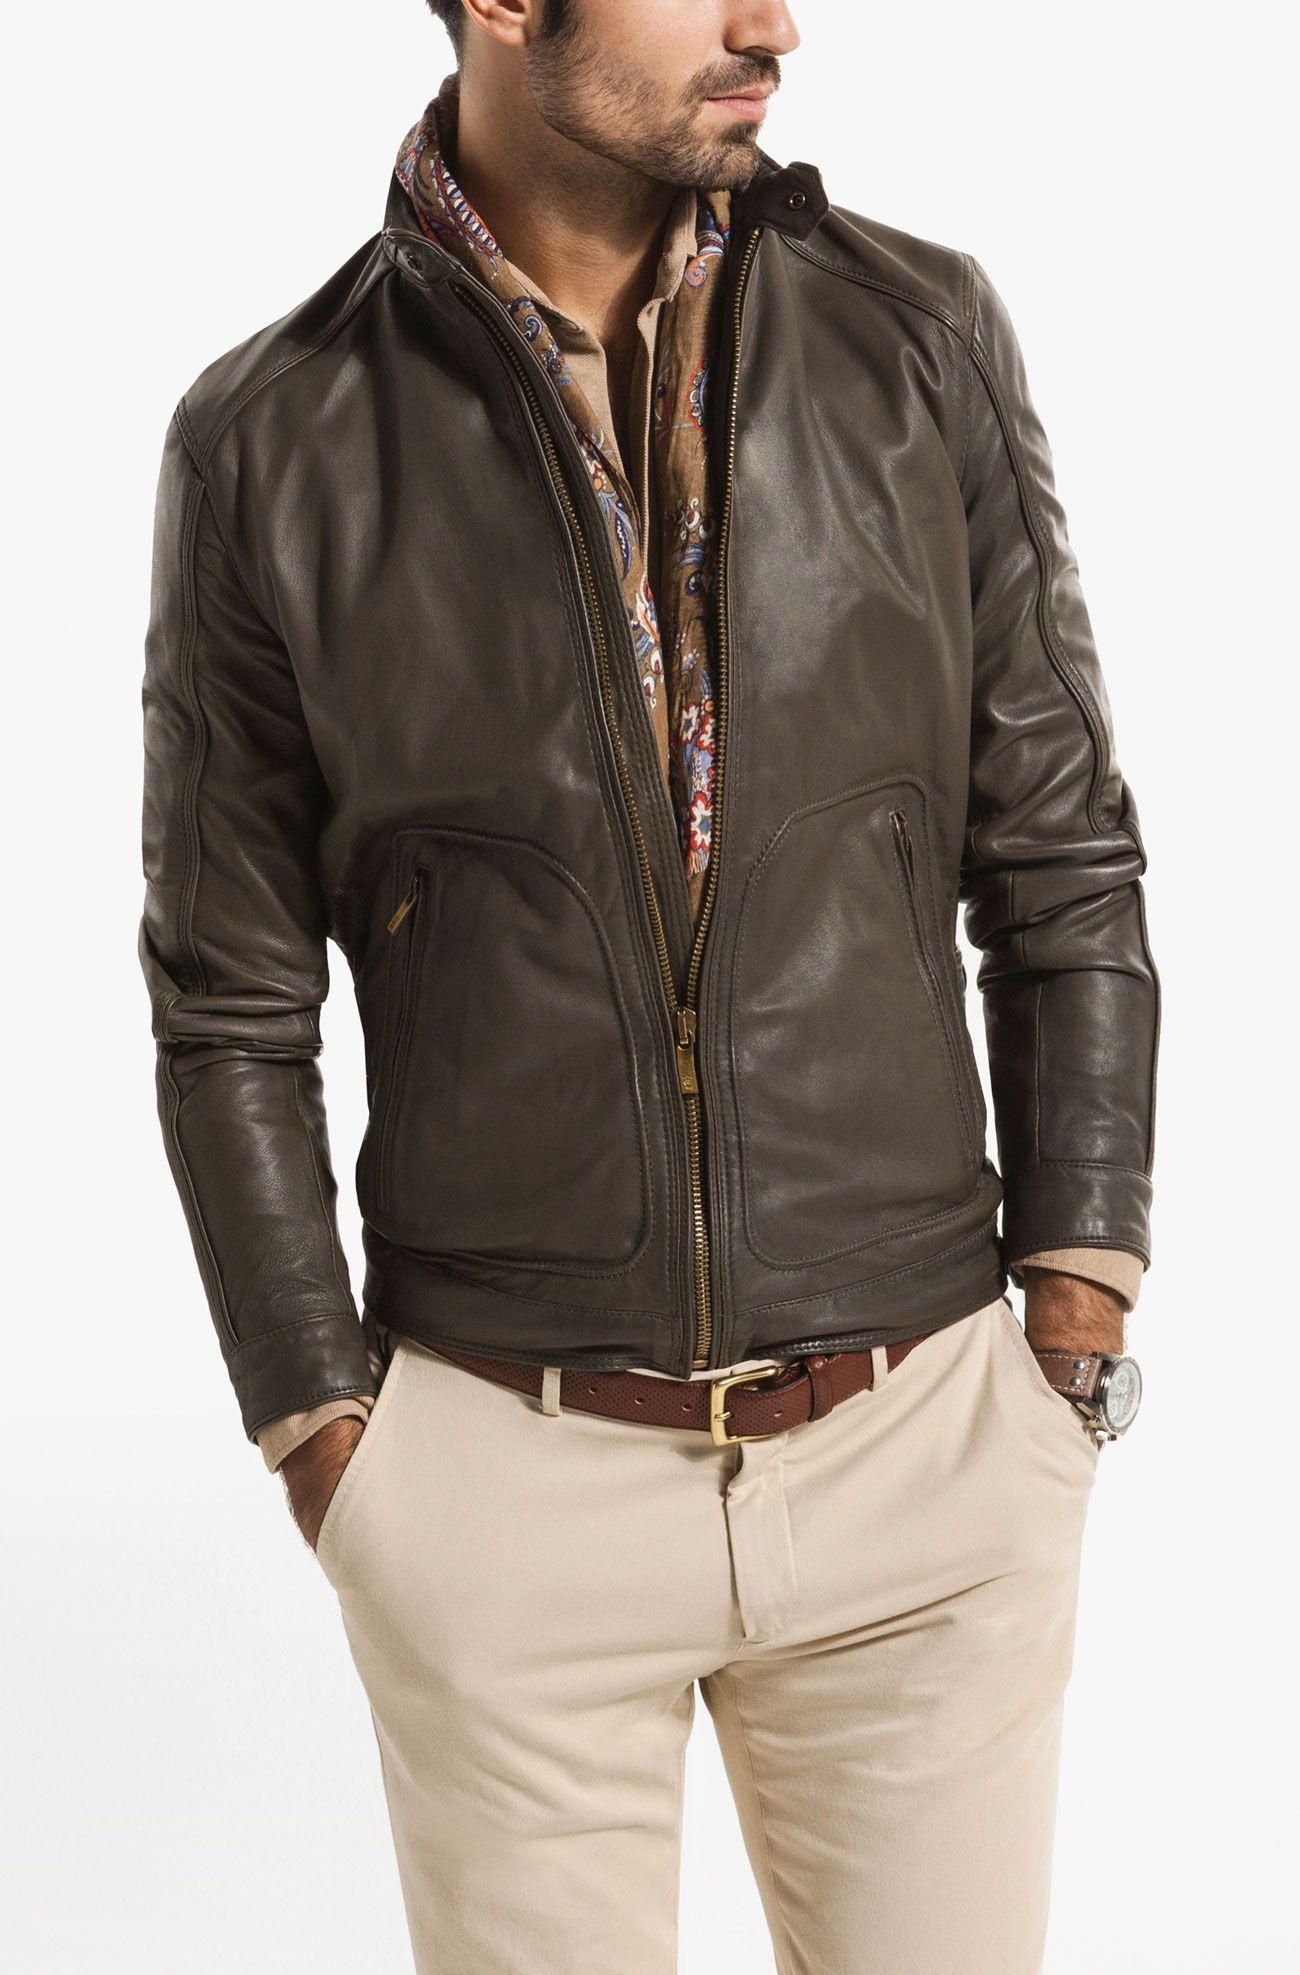 Massimo Dutti United States Leather Jacket Style Leather Jacket Men Style Stylish Leather Jacket [ 1975 x 1300 Pixel ]